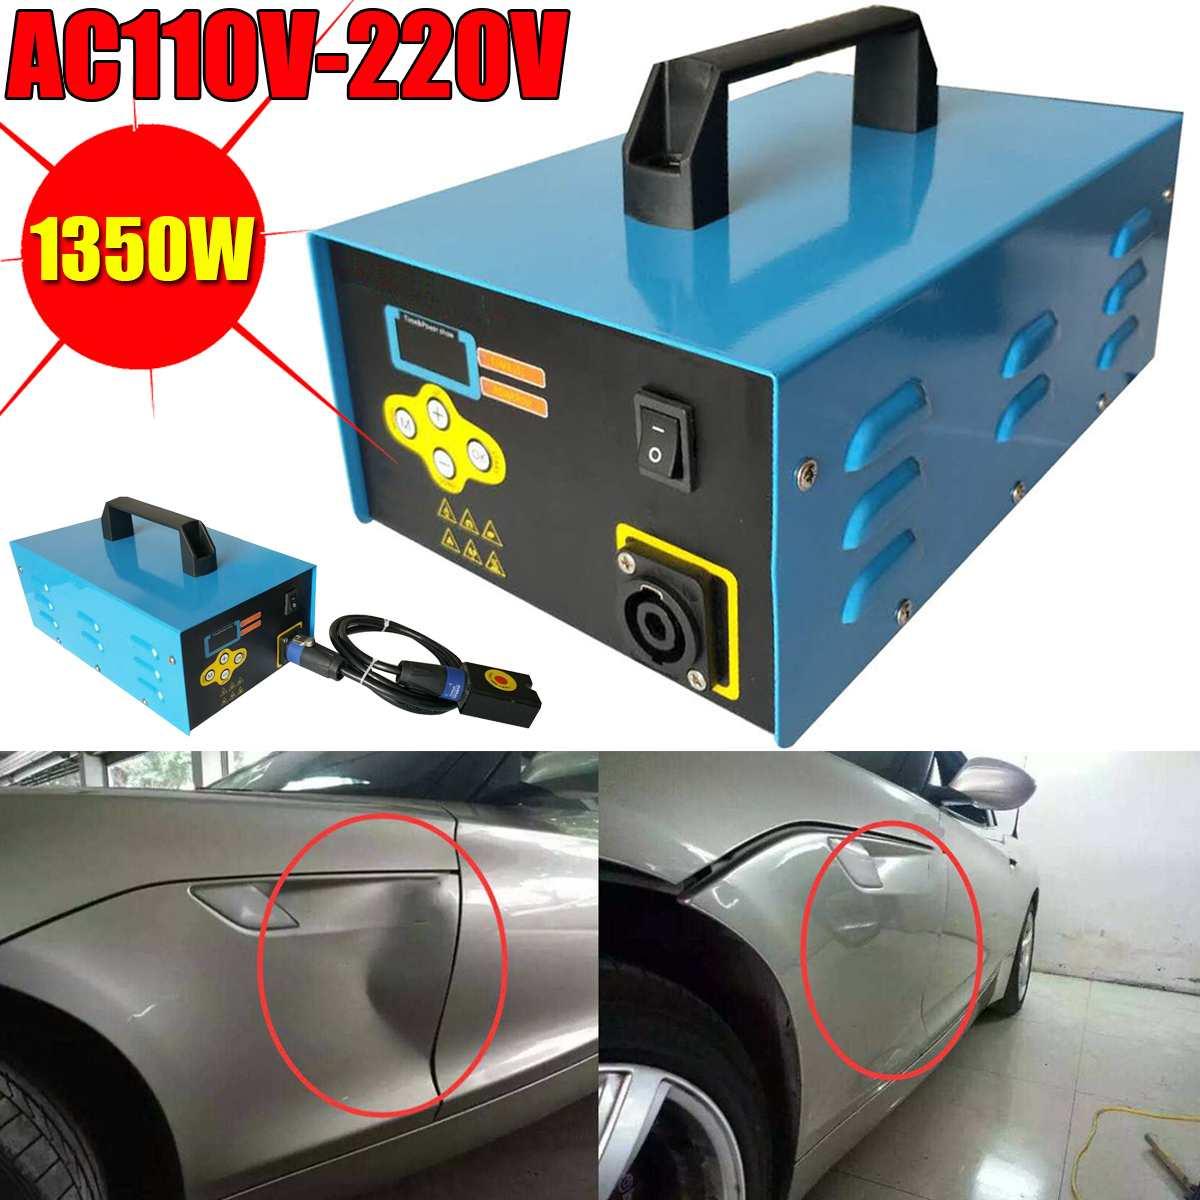 220 V 1350 W voiture sans peinture Dent réparation dissolvant Induction chauffage boîte chaude Carrosserie réparation Dent extracteur voiture Dent réparation